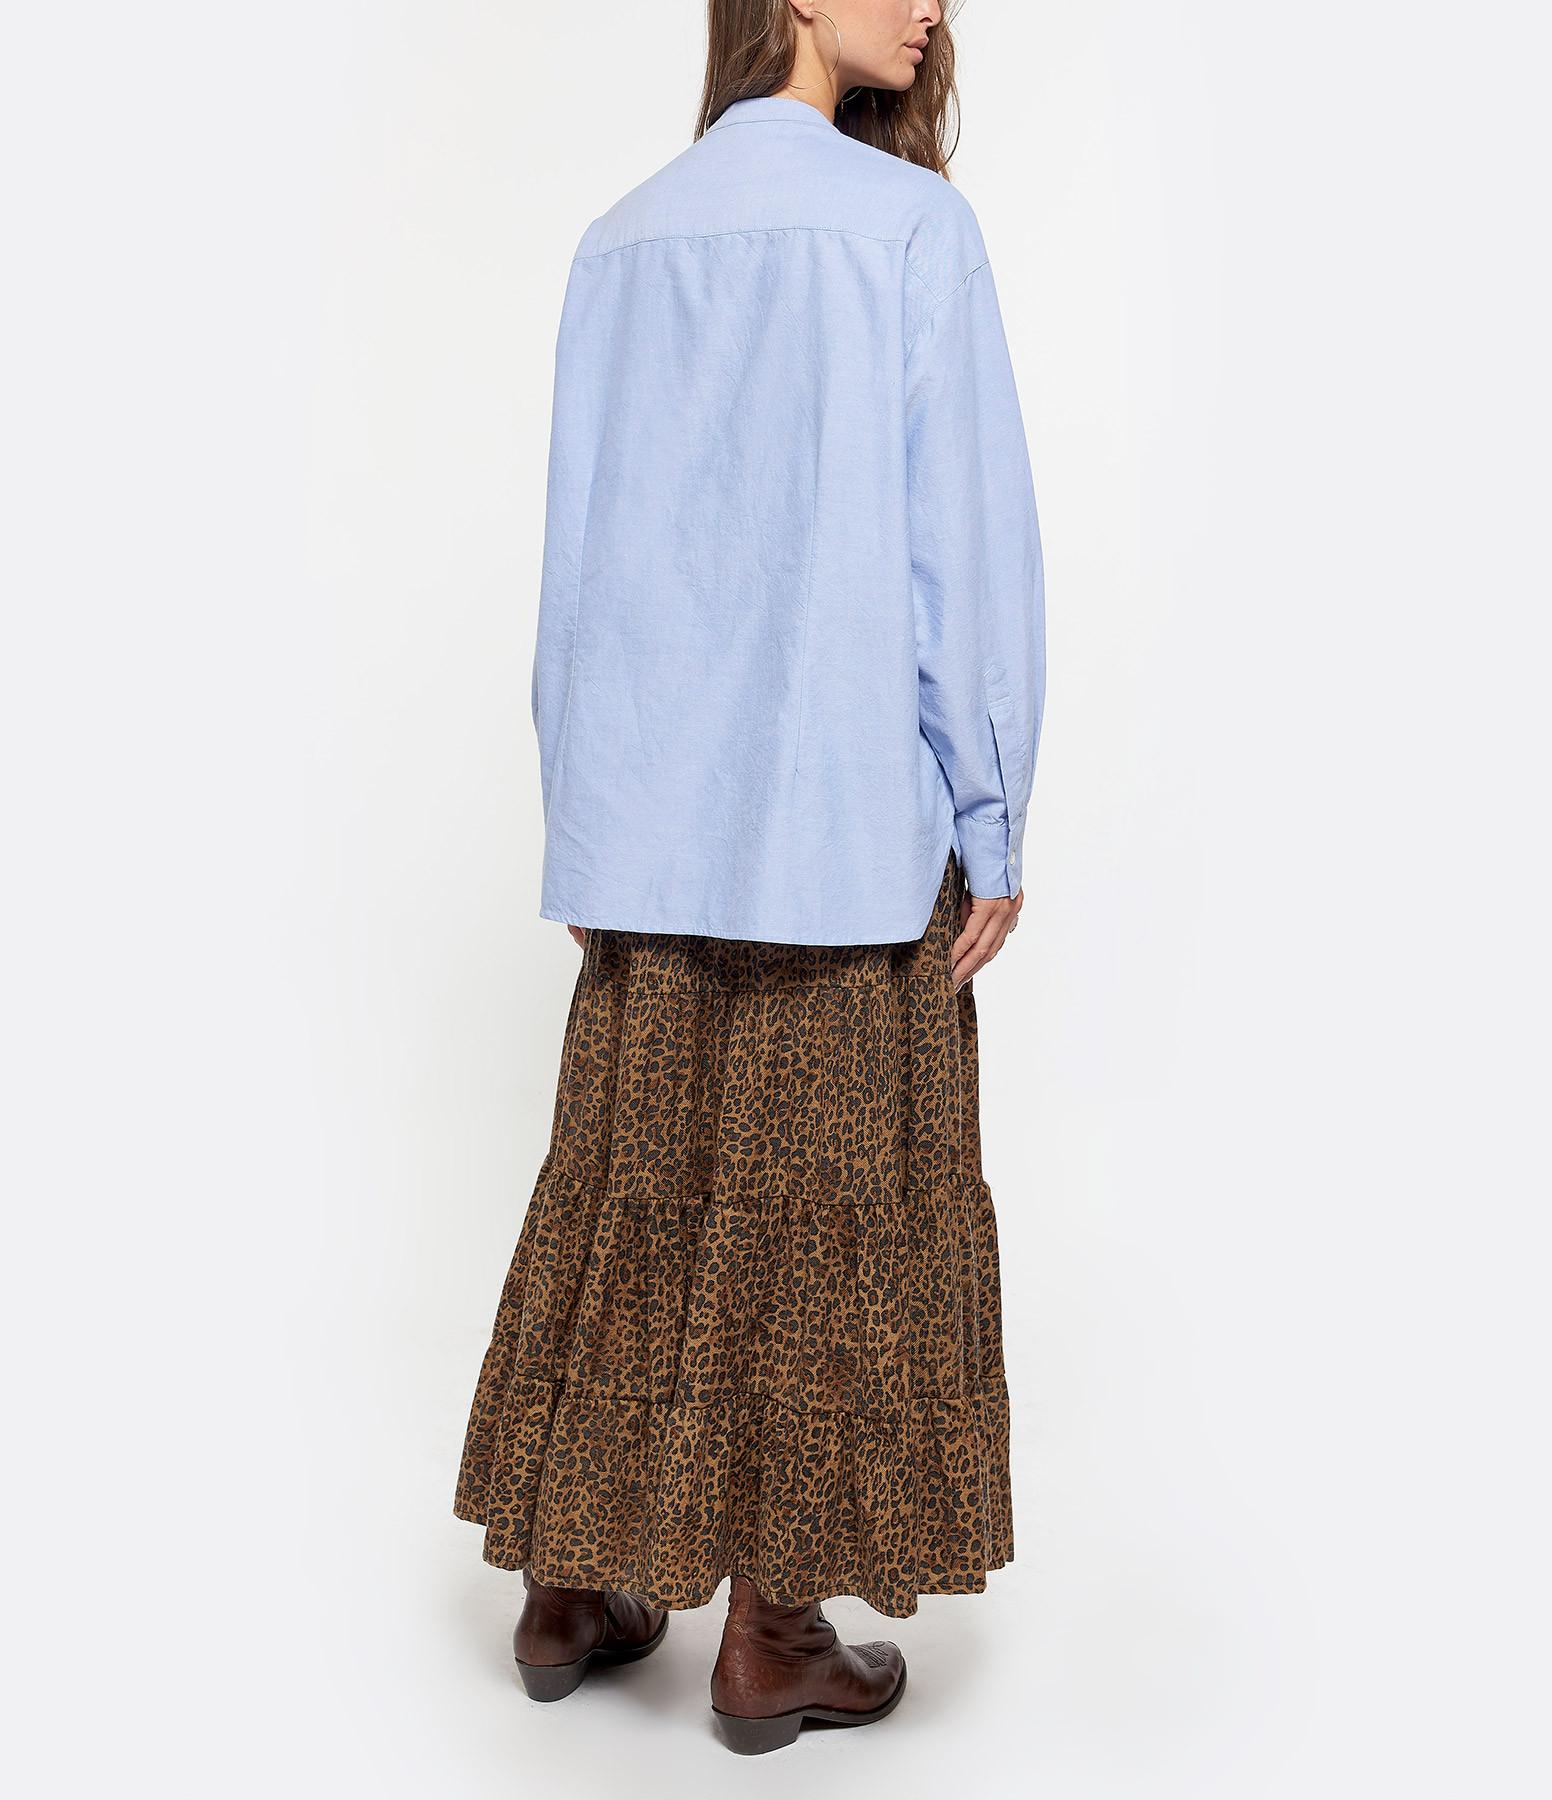 LAURENCE BRAS - Chemise Division Coton Bleu